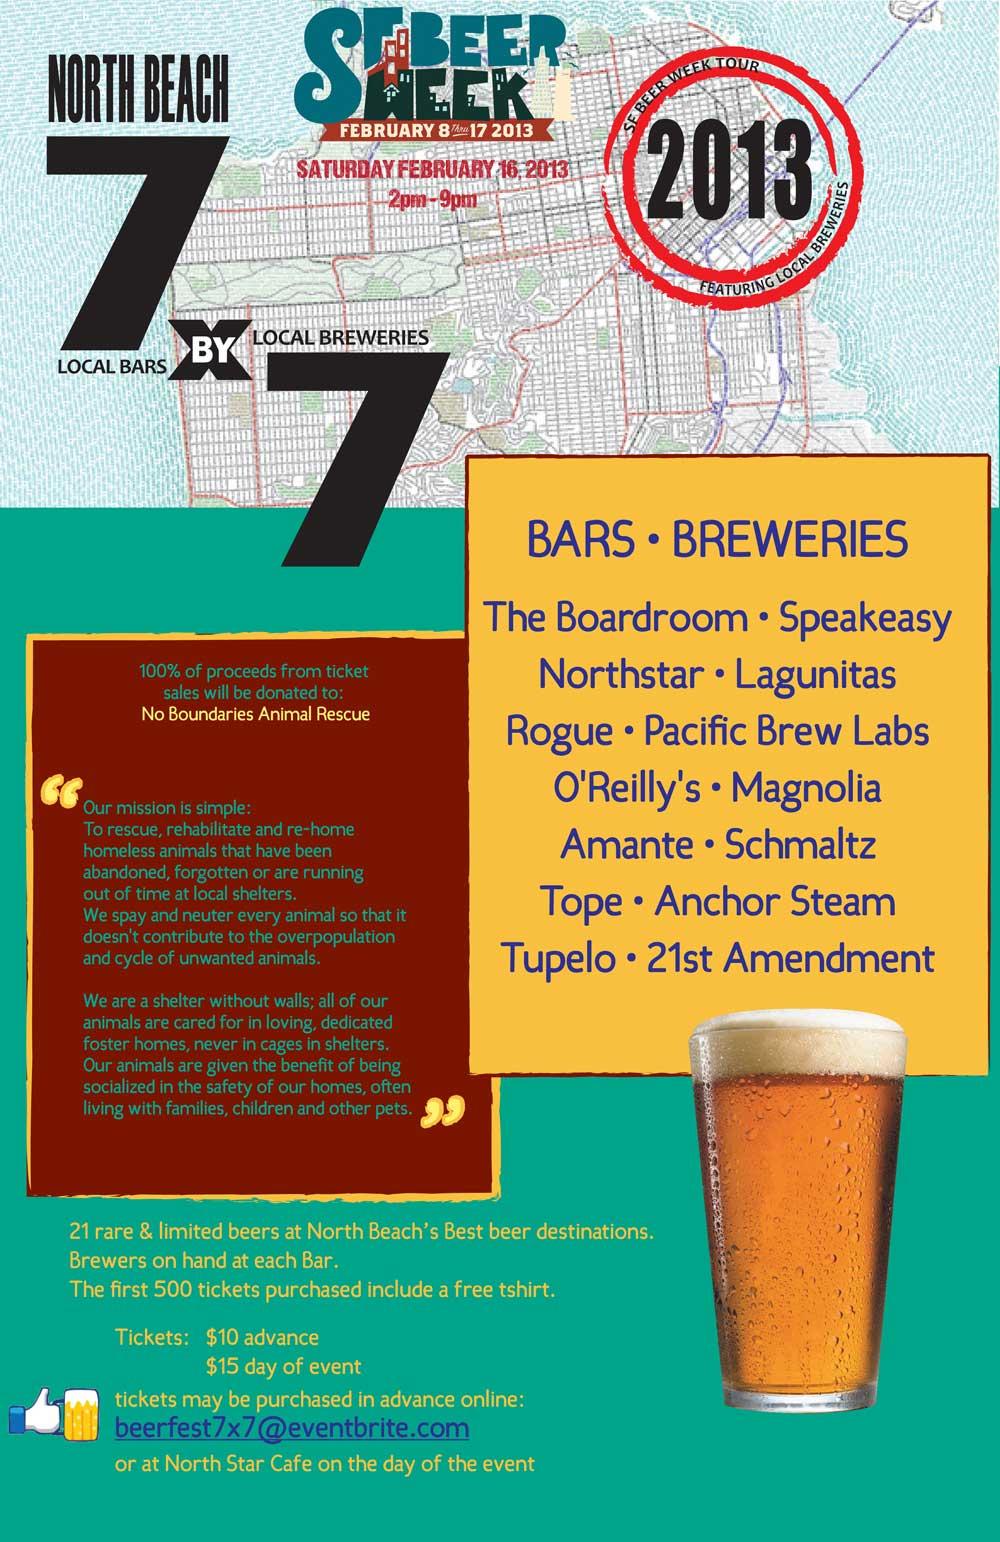 Beer week poster